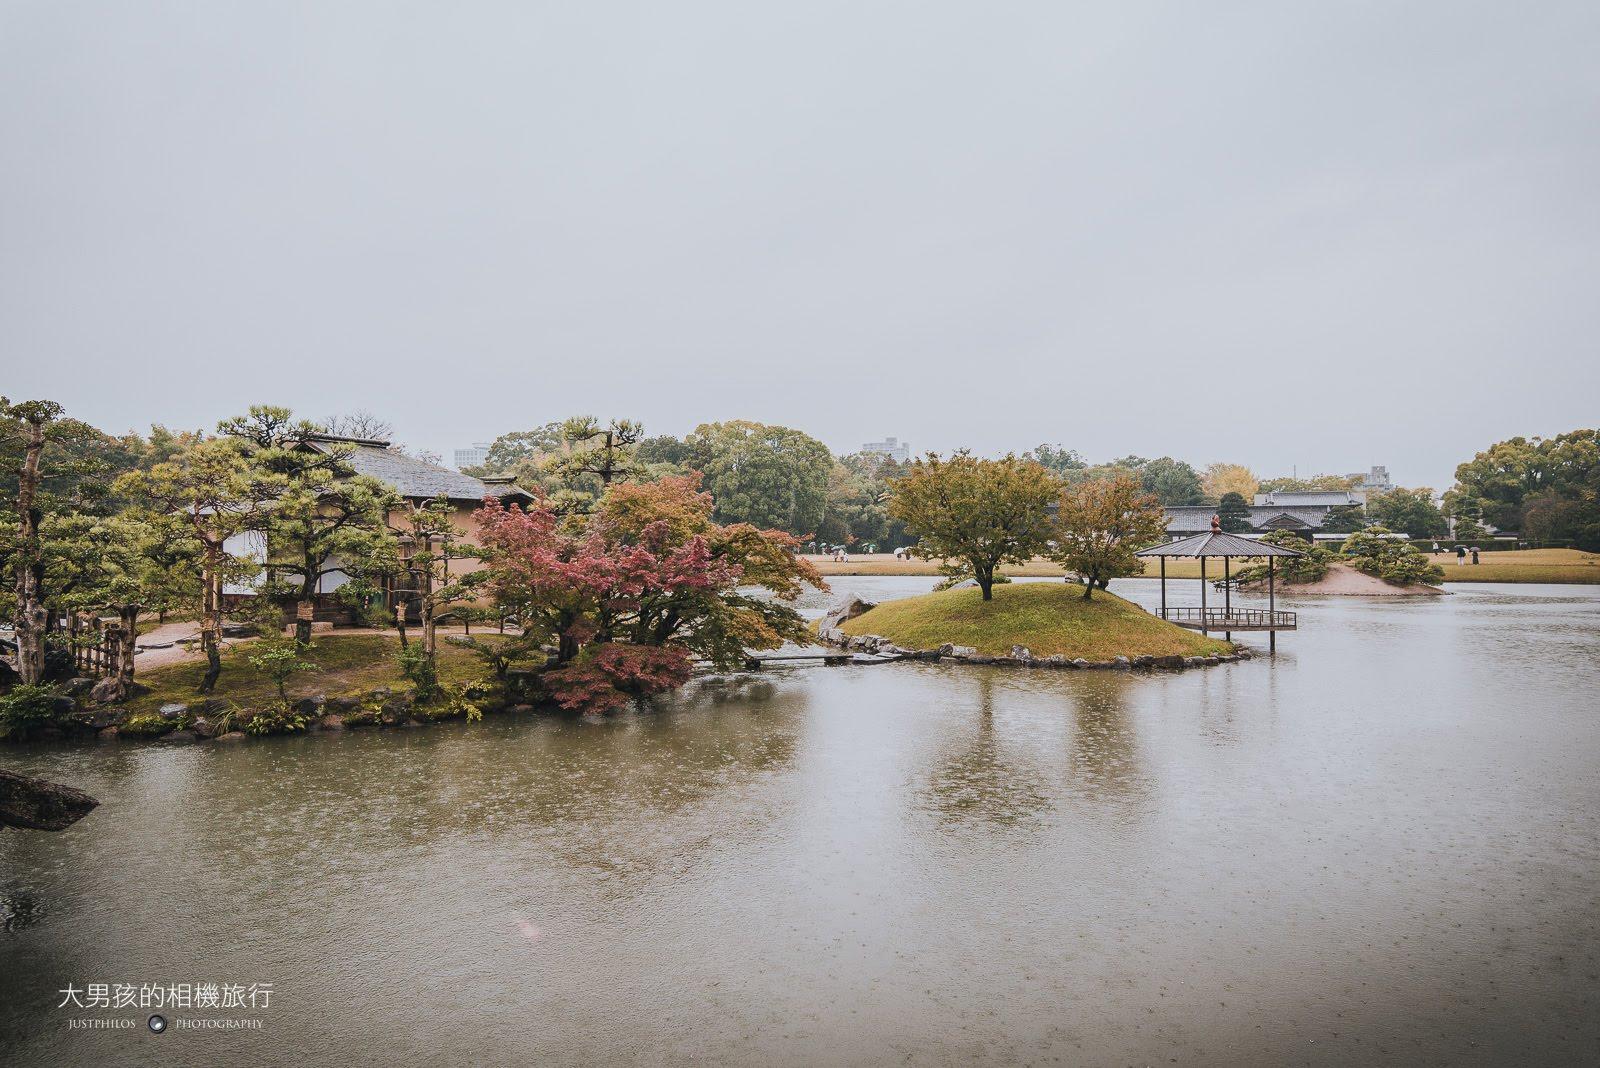 後樂園內最大的水池「澤之池」。